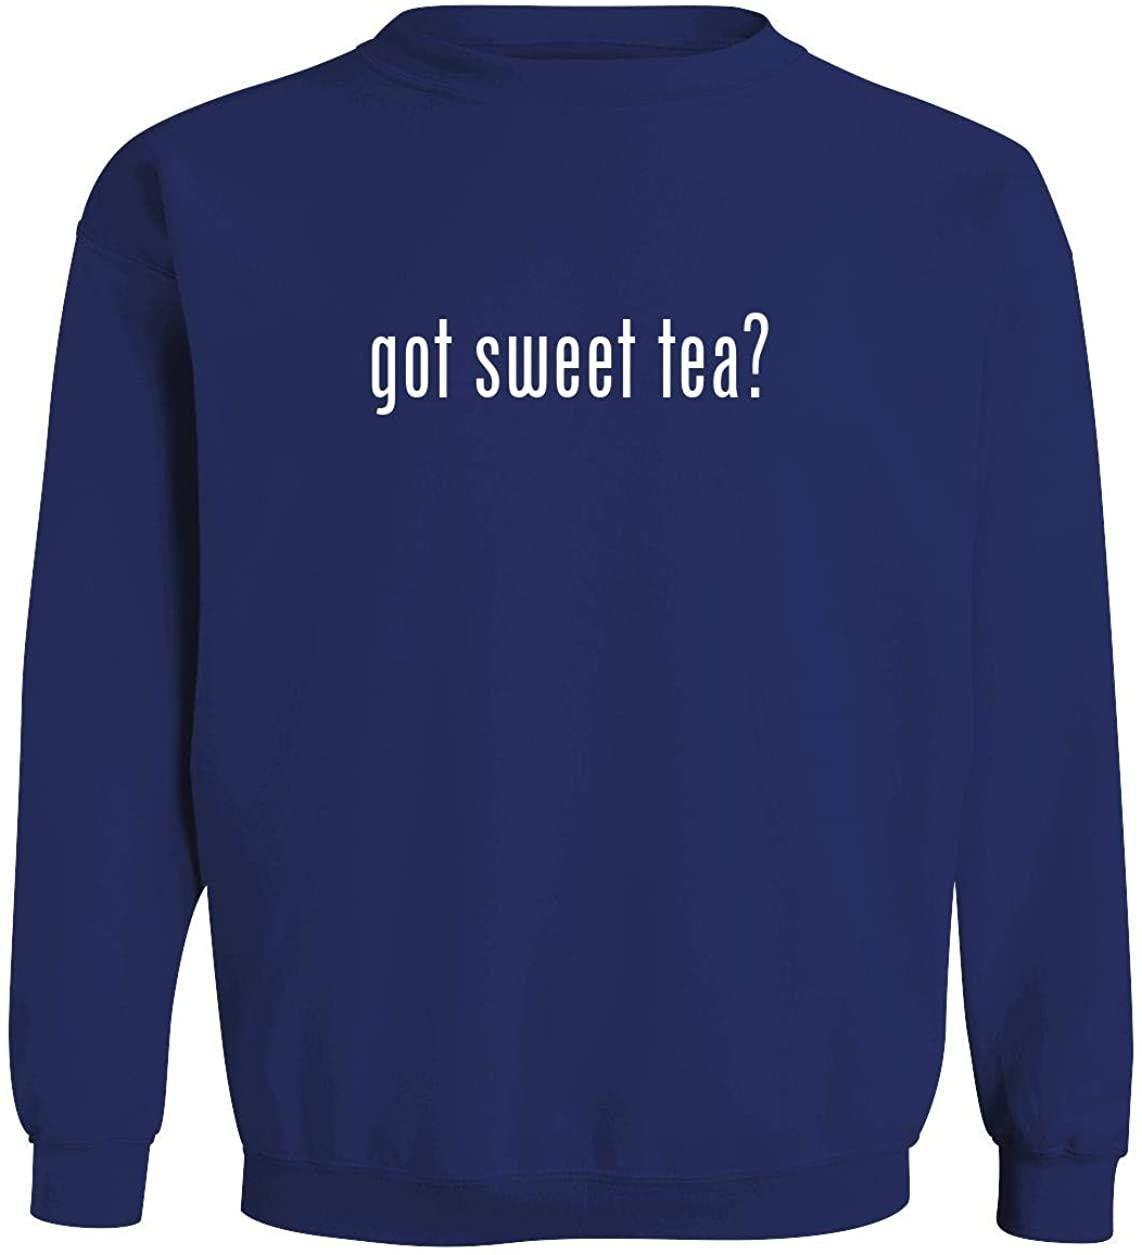 got sweet tea? - Men's Soft & Comfortable Long Sleeve T-Shirt